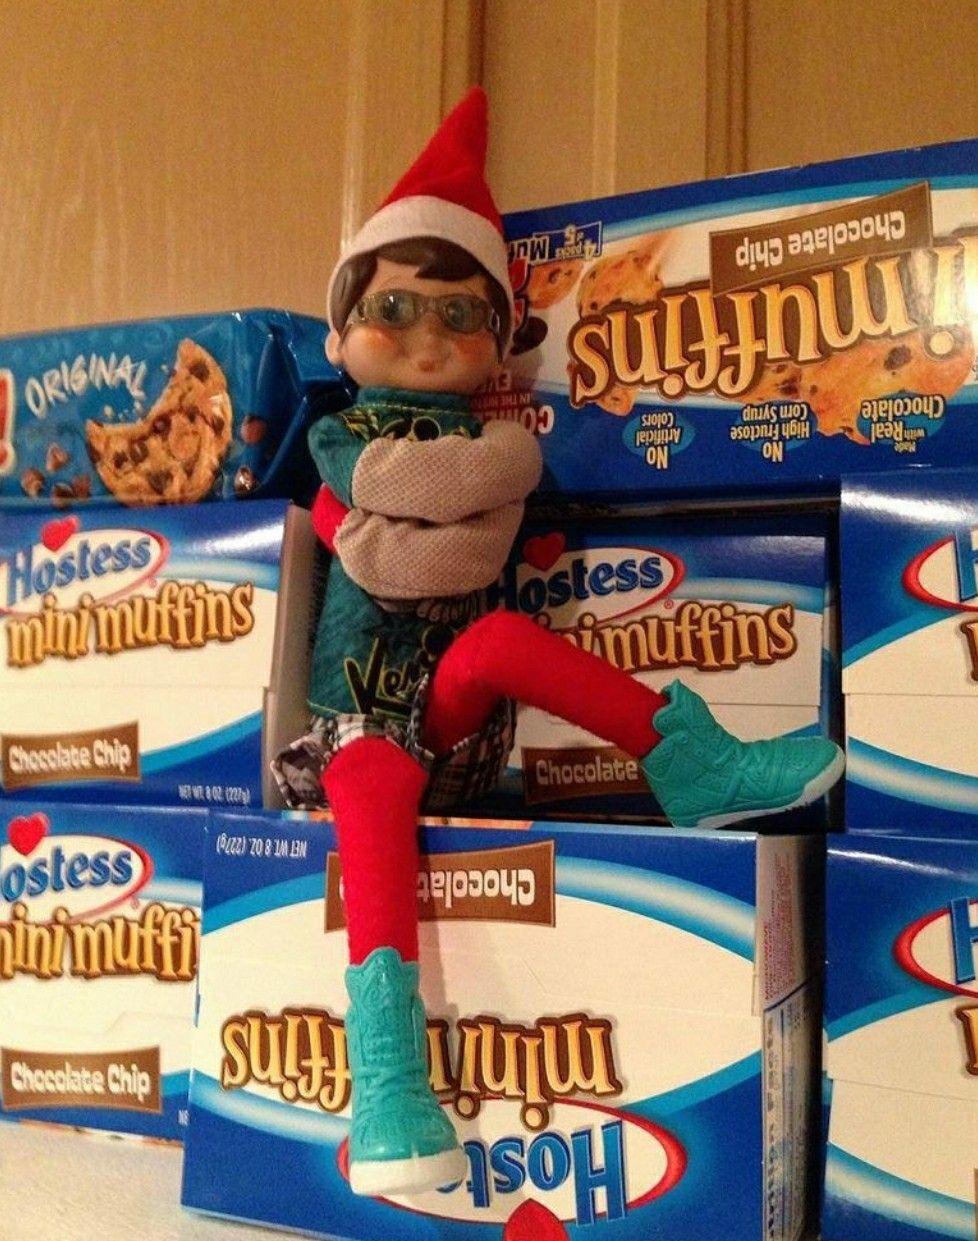 Pin on Elf on da shelf/whore in duh drawer